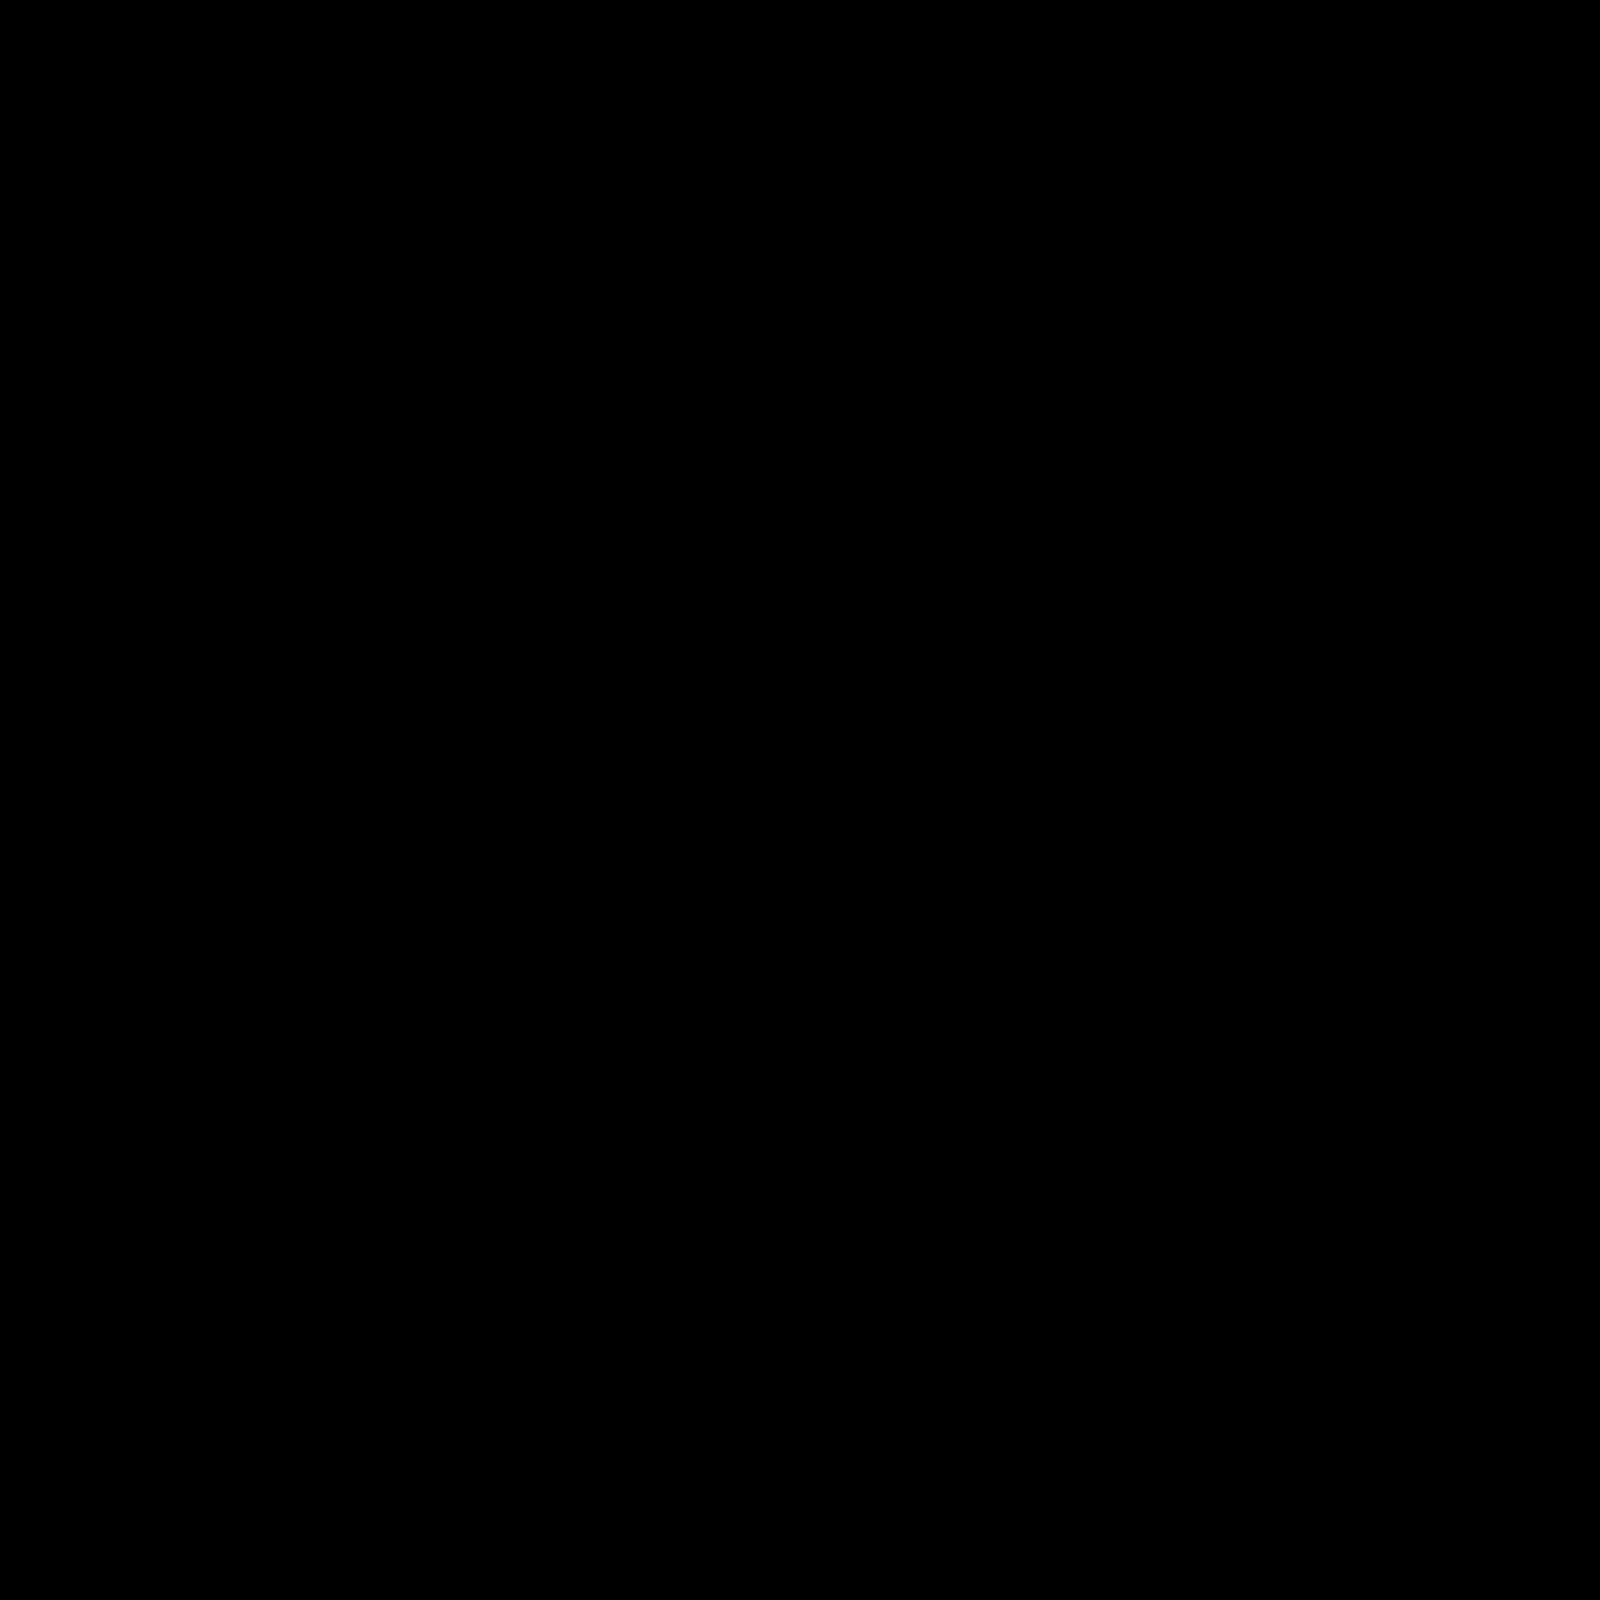 halin icon